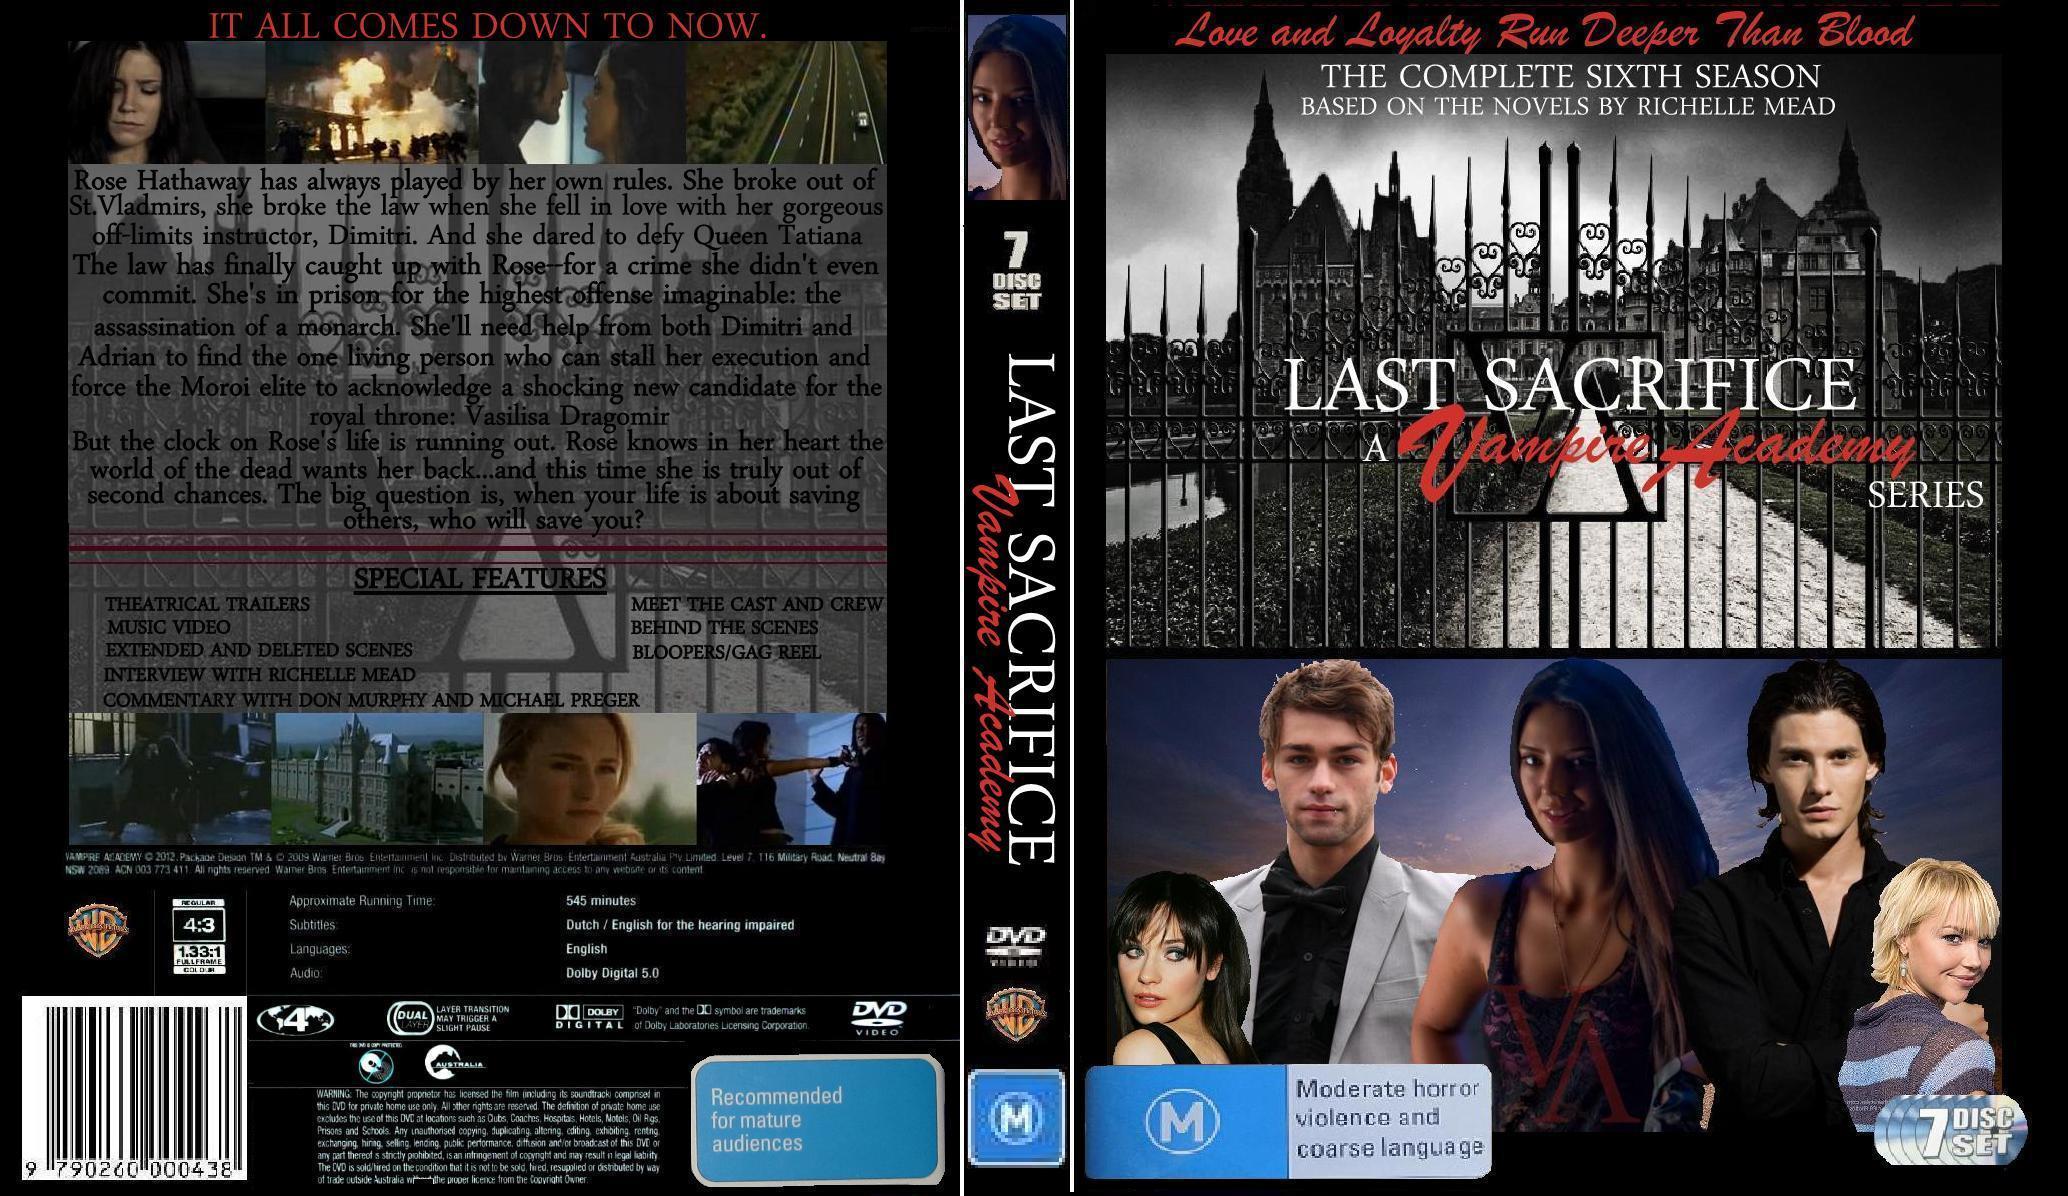 Vampire Academy Dvd Cover Last Sacrifice Dvd Cov...